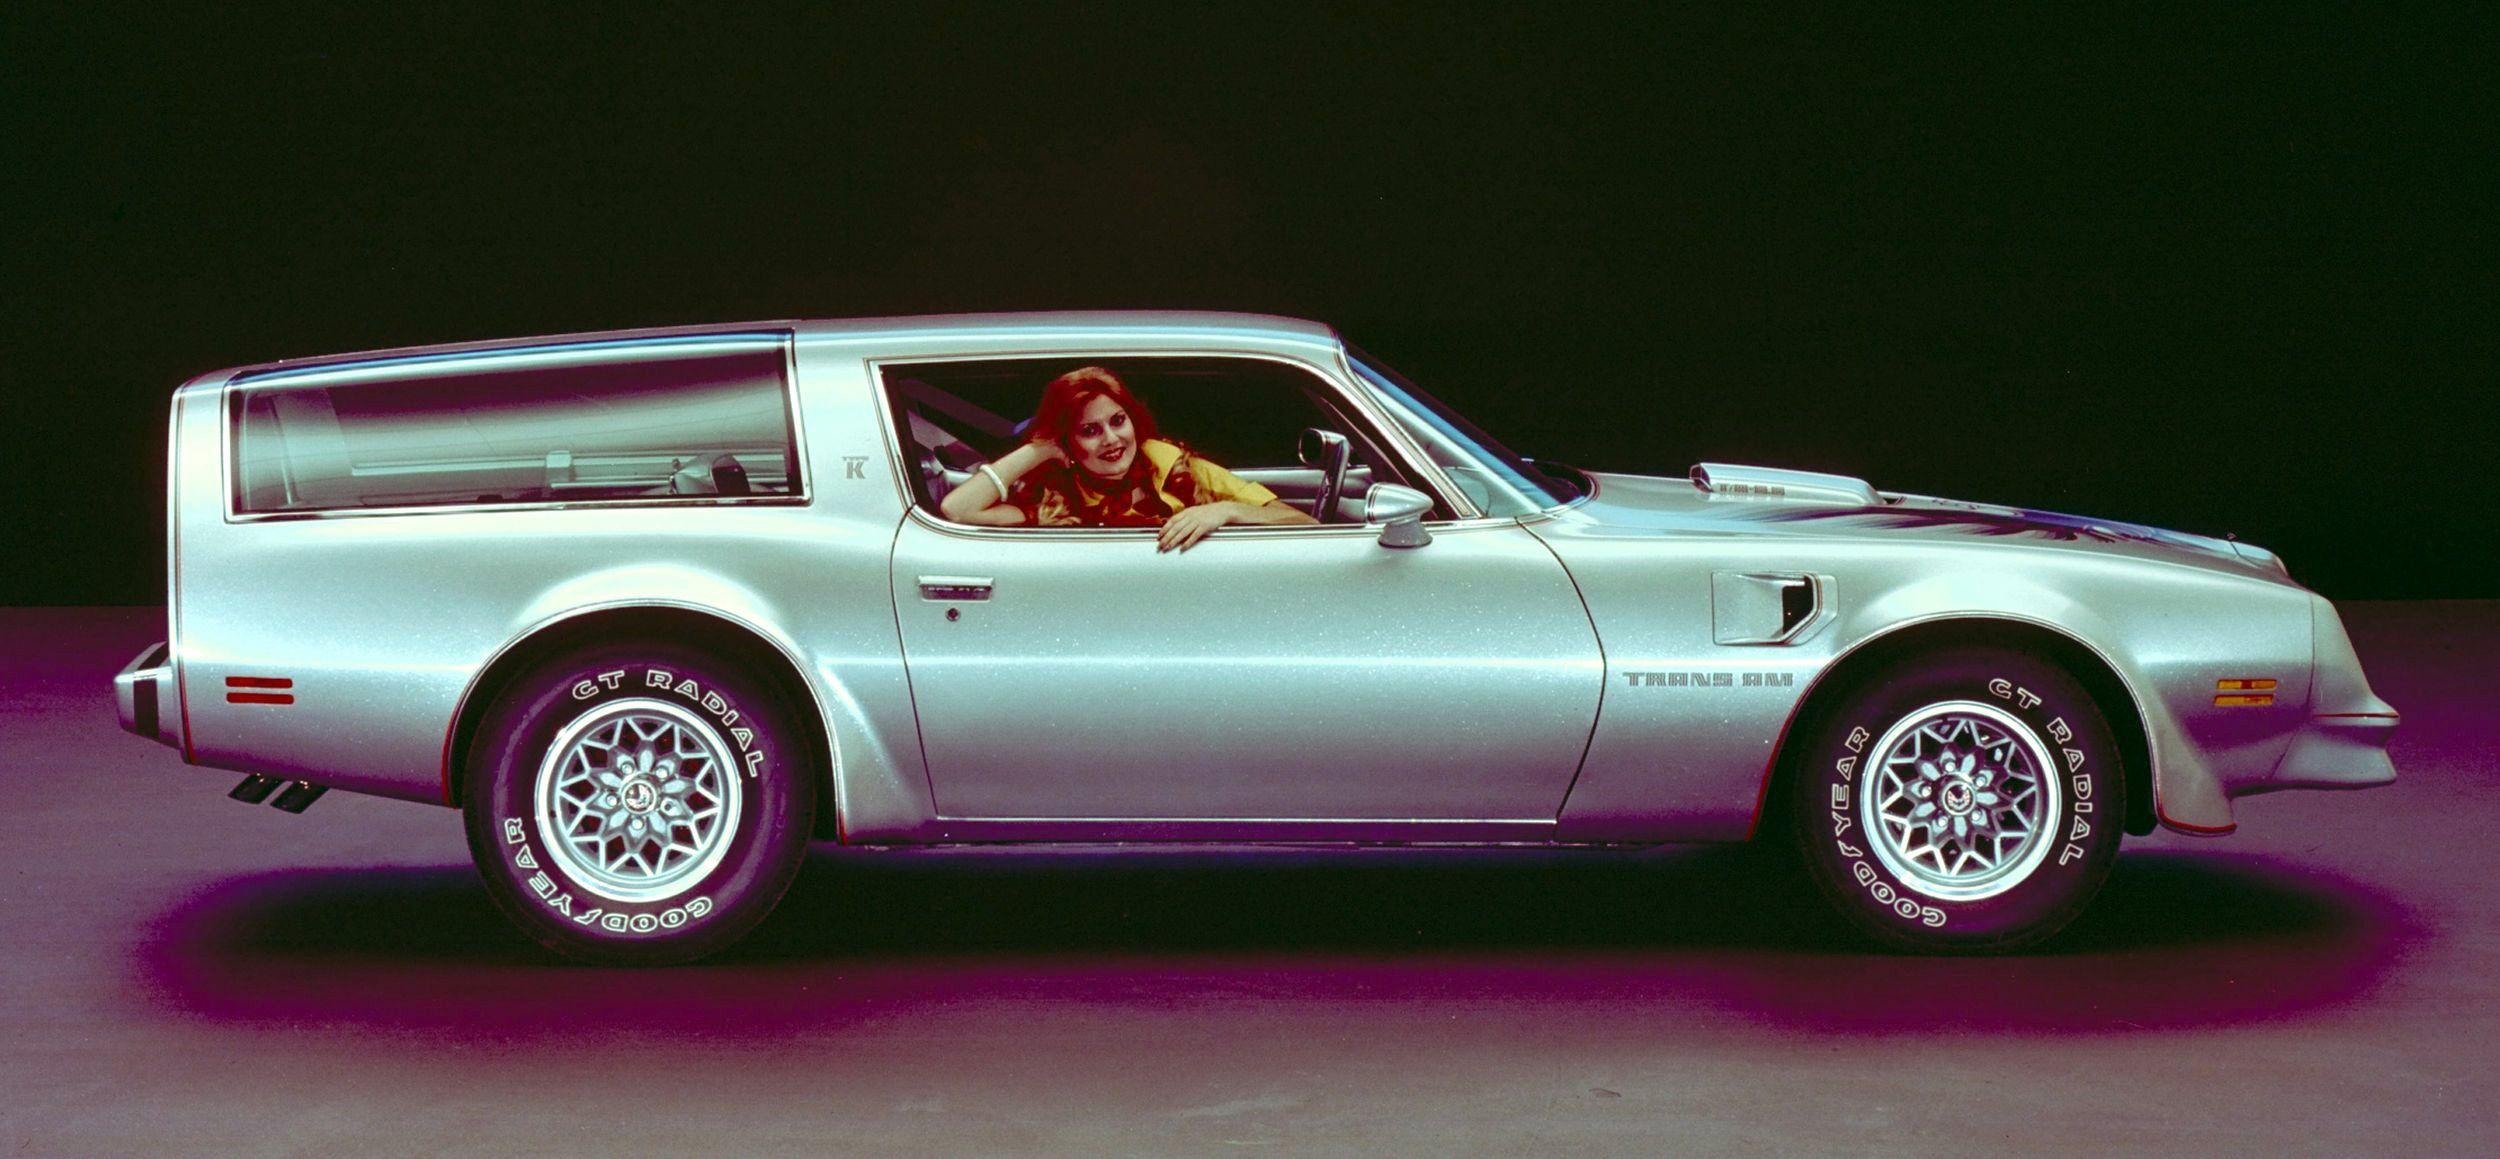 Pontiac Firebird Trans Am Type K Concept | Concept Cars | Pinterest ...